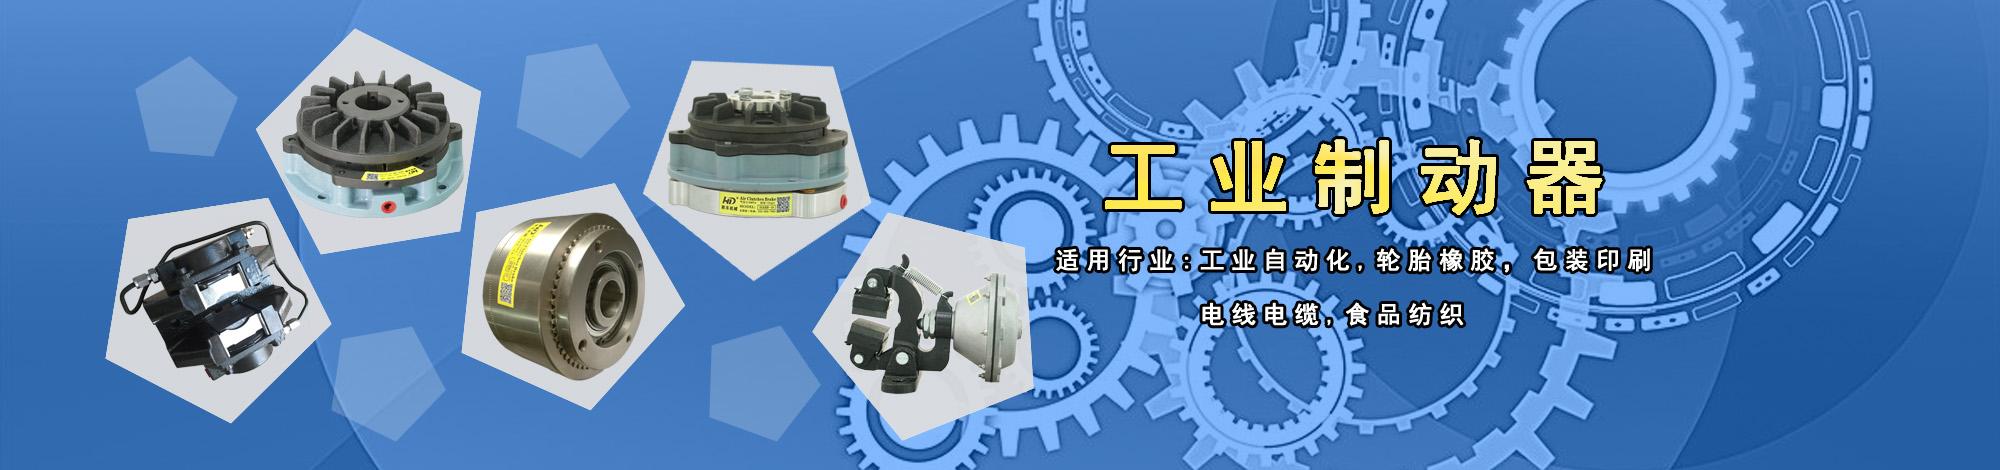 上海韩东机械科技有限公司